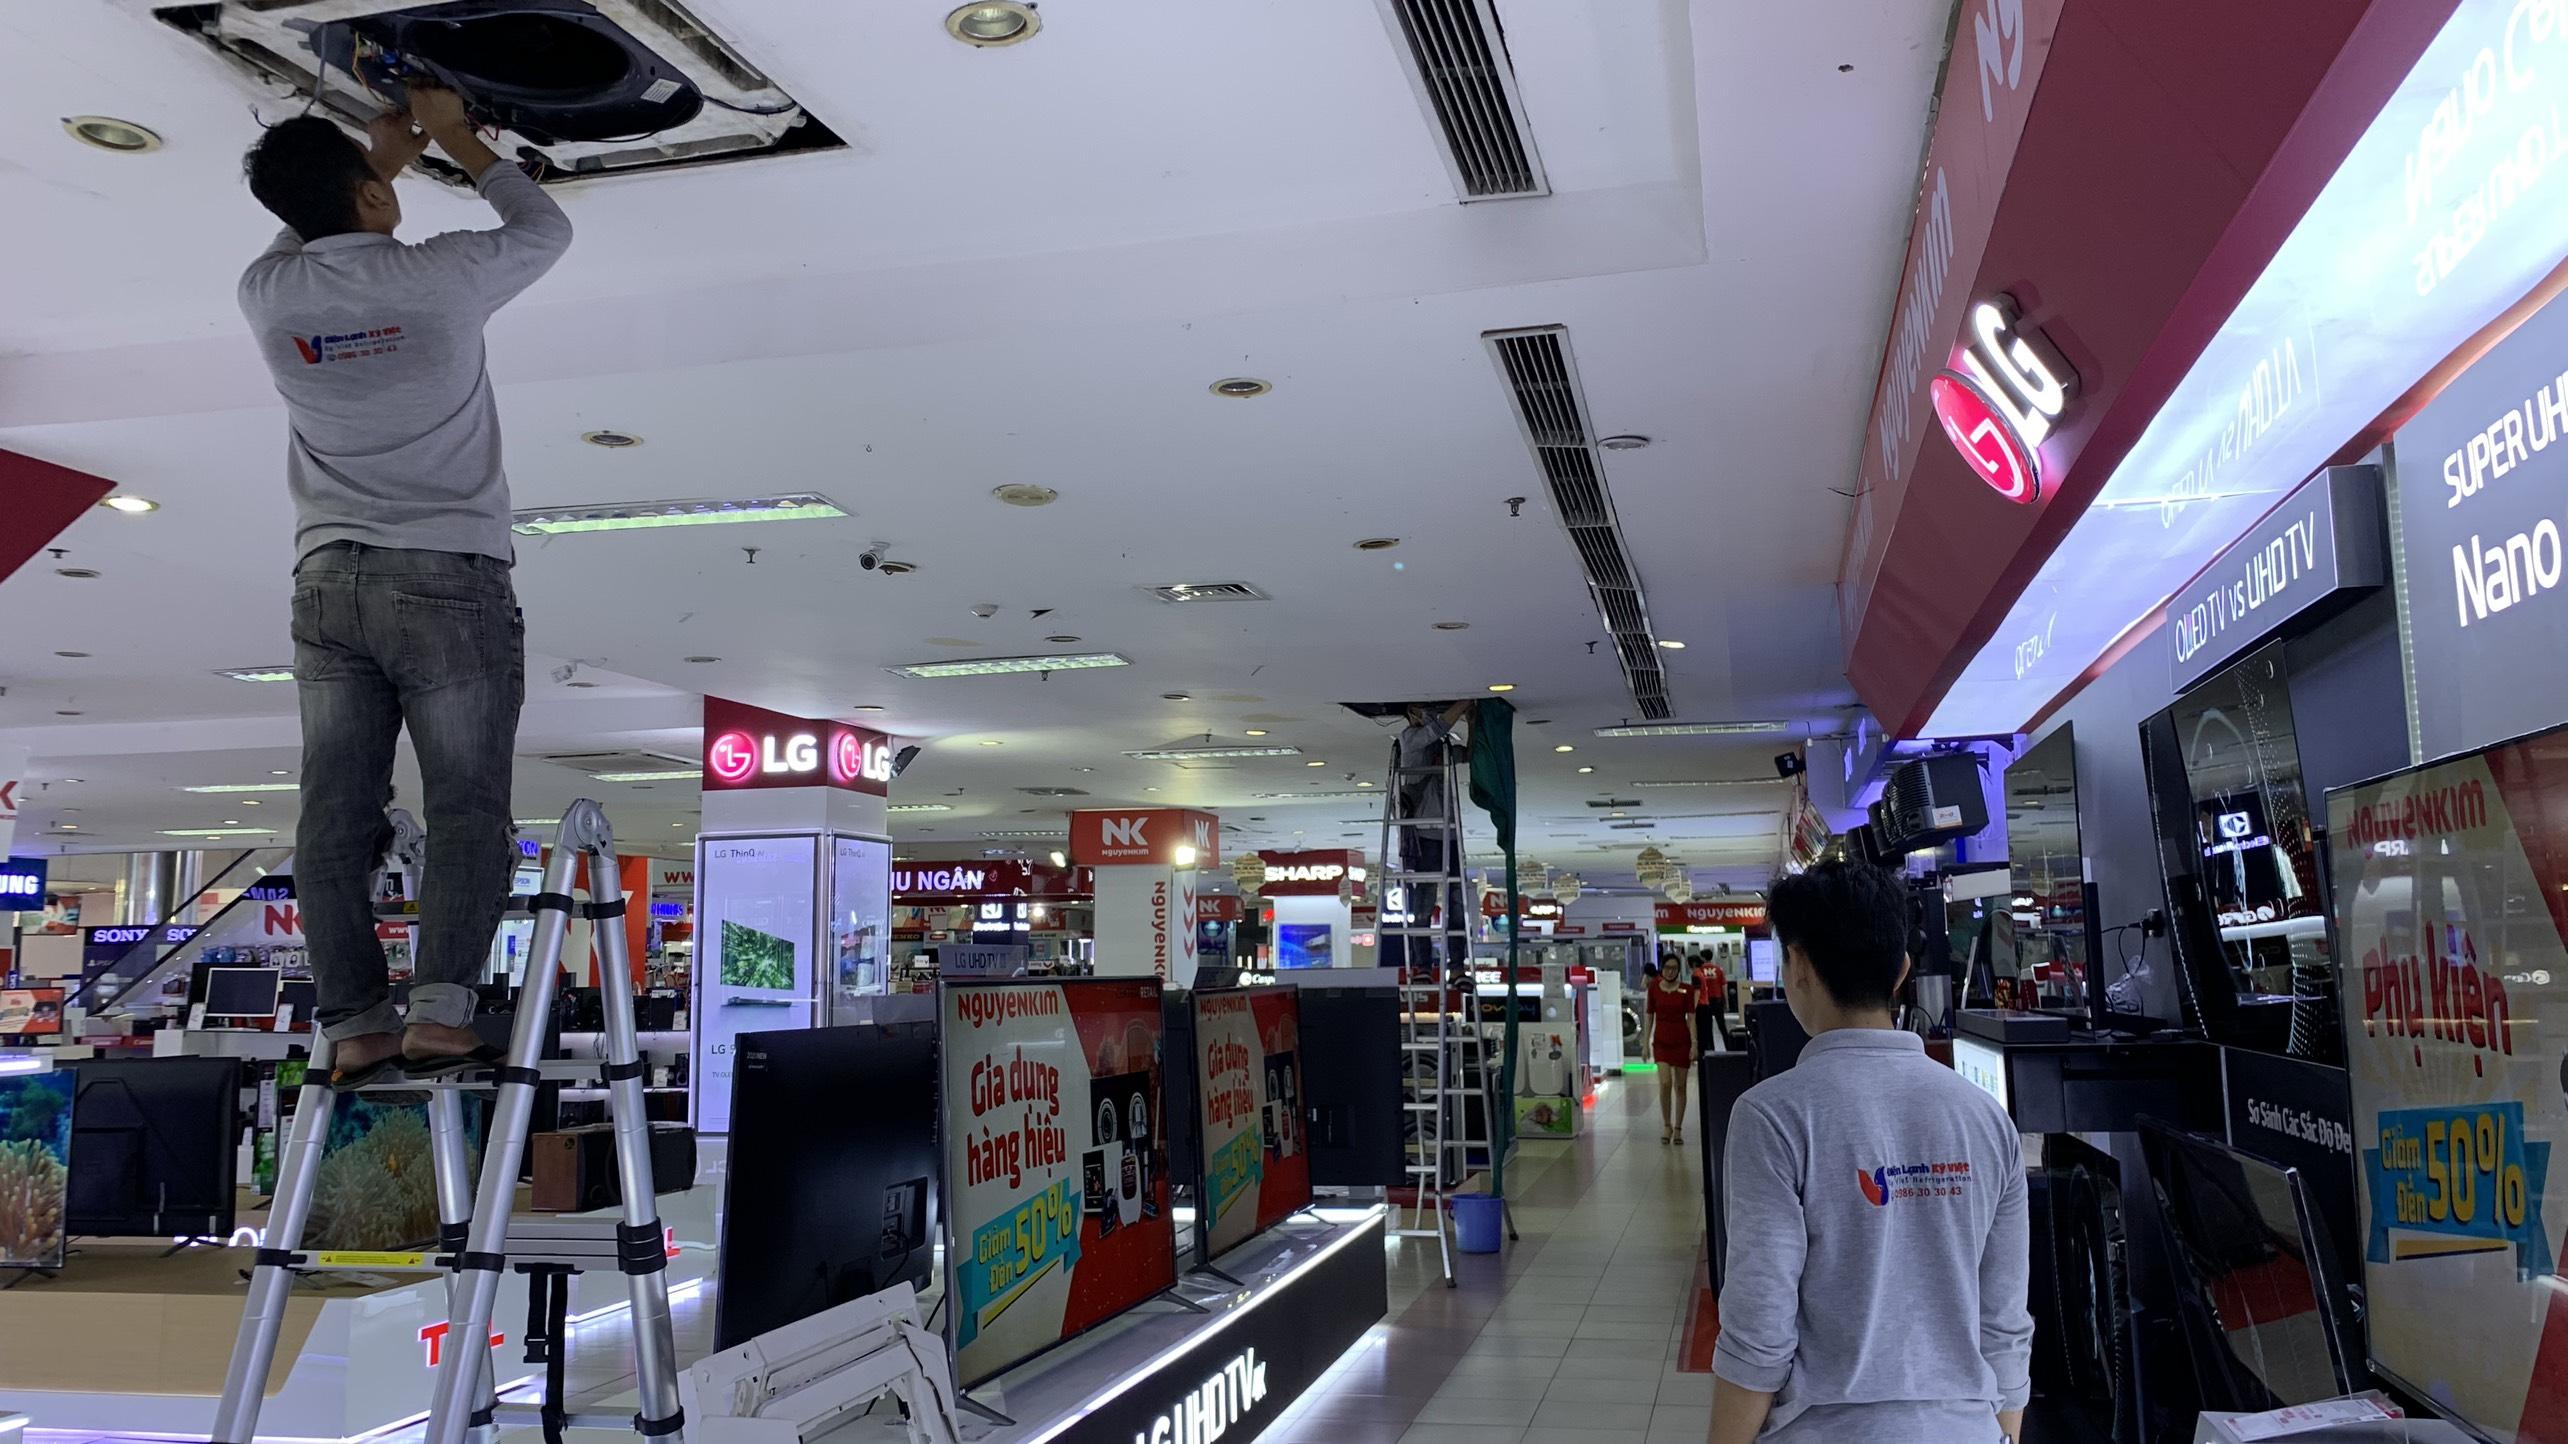 Vệ sinh máy lạnh âm trần cho siêu thị điện máy Nguyễn Kim, Tân Bình